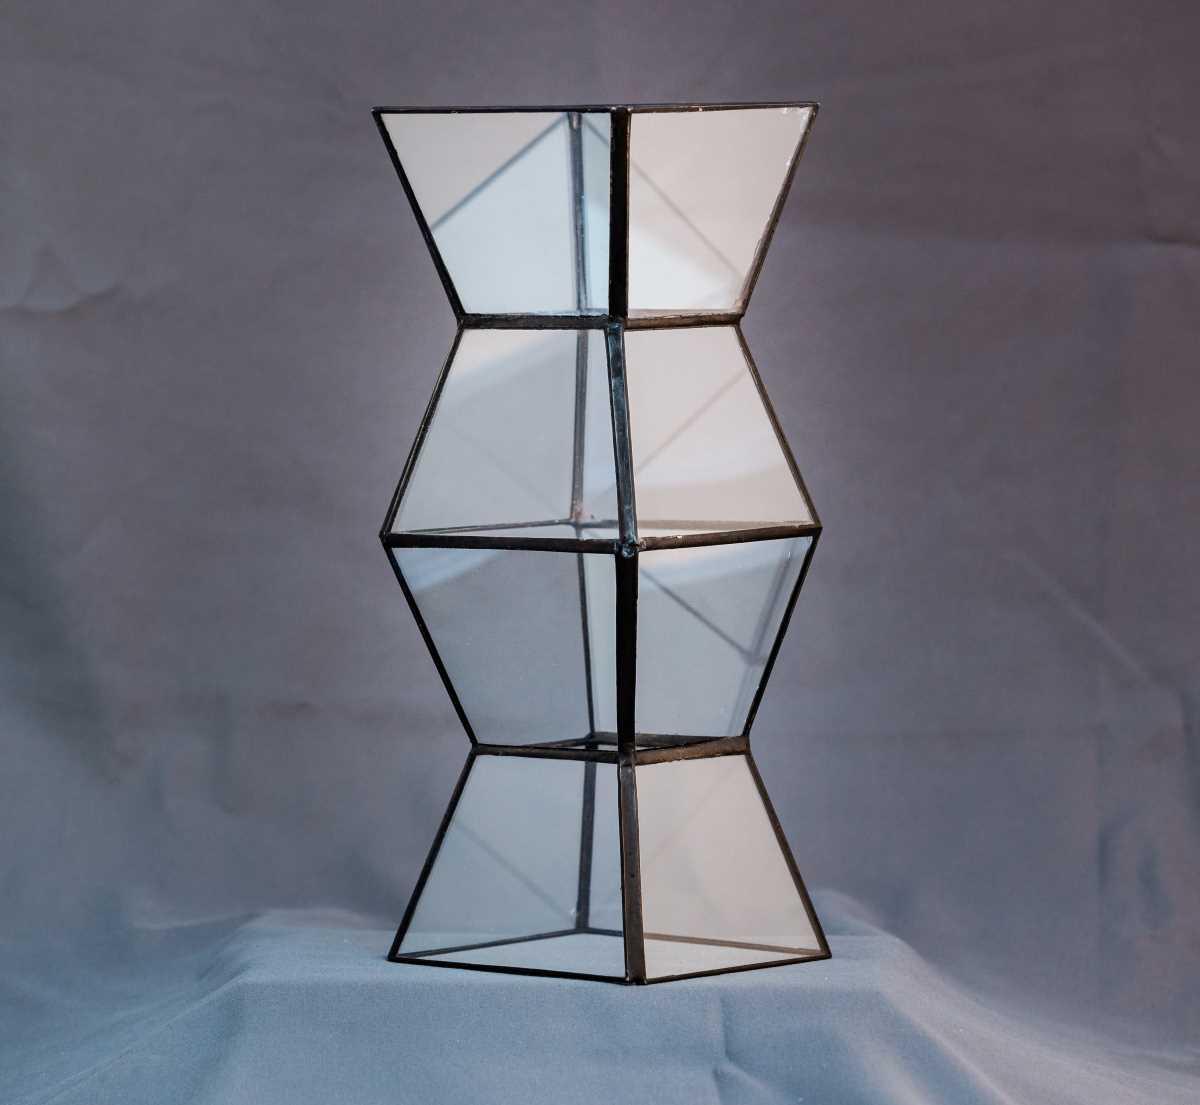 terariu in forma de coloana, geometric, greenarium